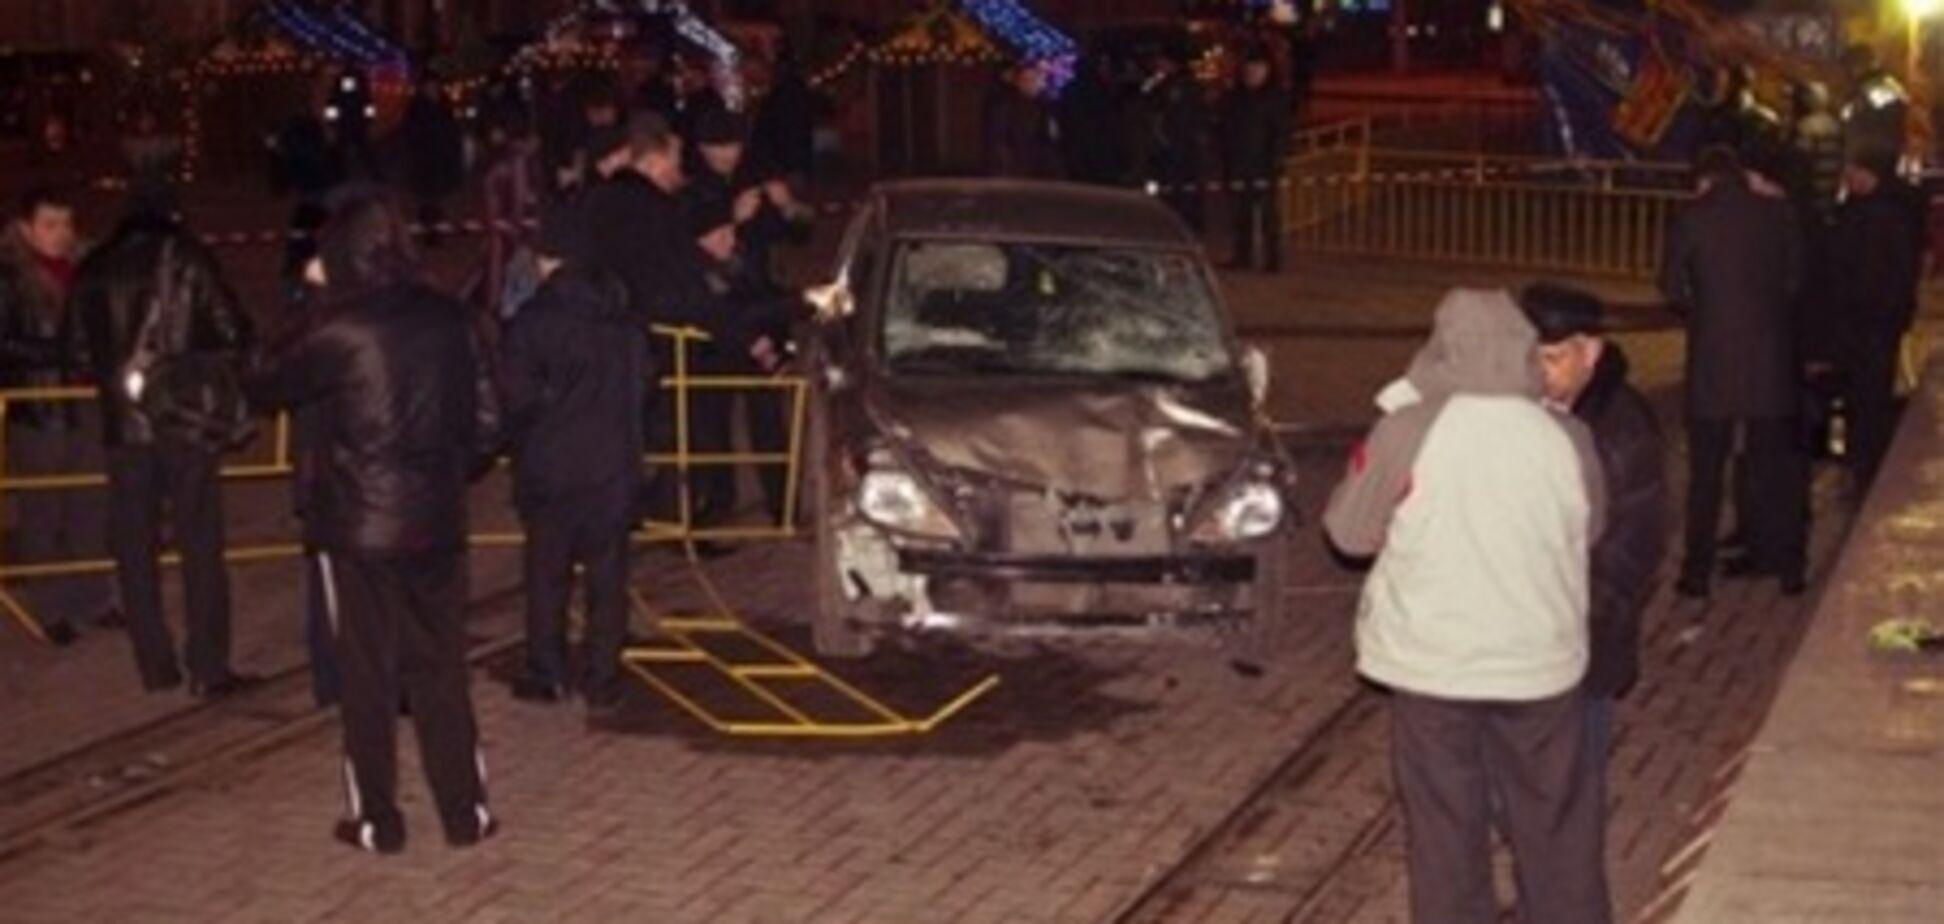 Трагедия на луганской елке: для виновника ДТП требуют смертной казни